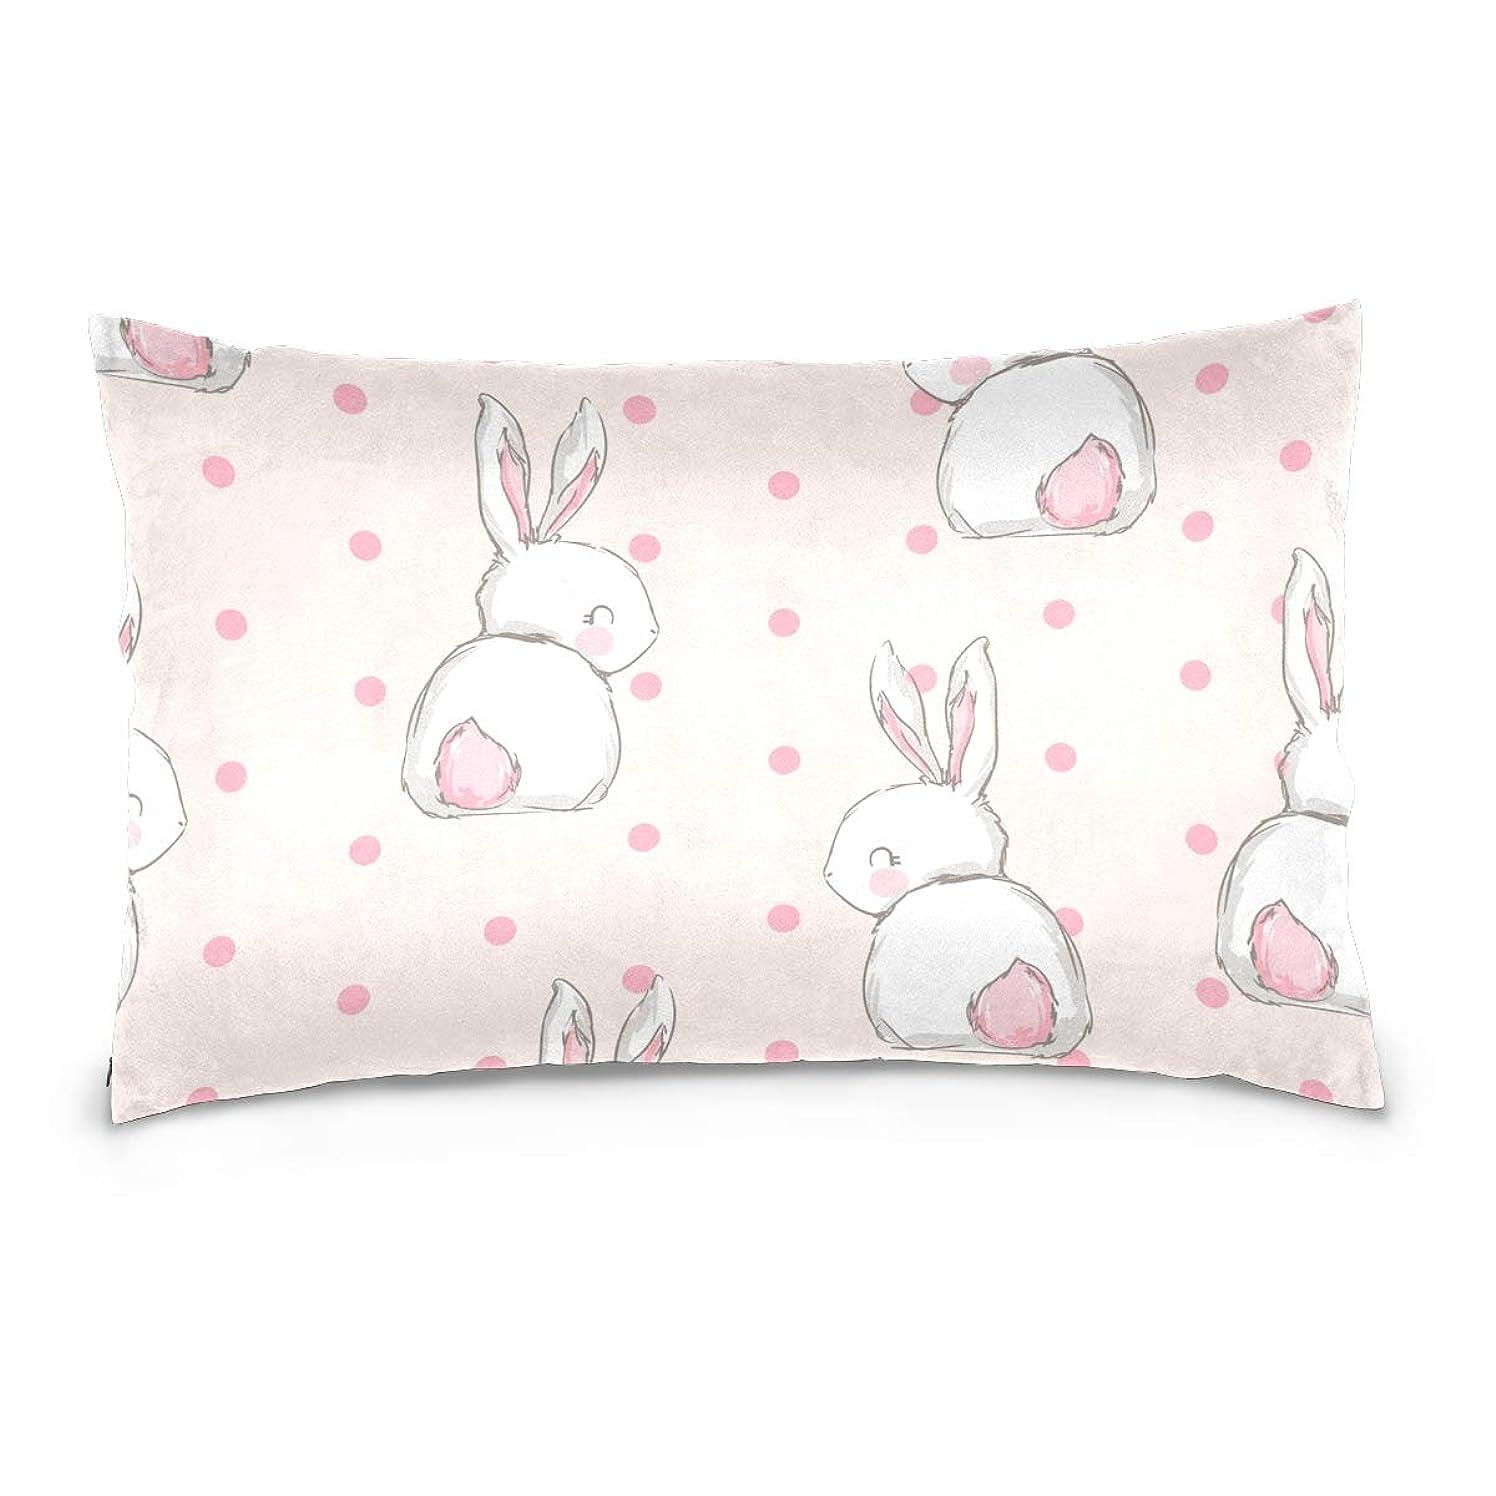 あいにく難民ドナーTskyoo 枕カバー ウサギ ピンク かわいい クッションカバー 可愛い おしゃれ 綿100% ソファー ベッド 車 インテリア 部屋飾り 北欧デザイン 角型 プレゼント 40×60cm